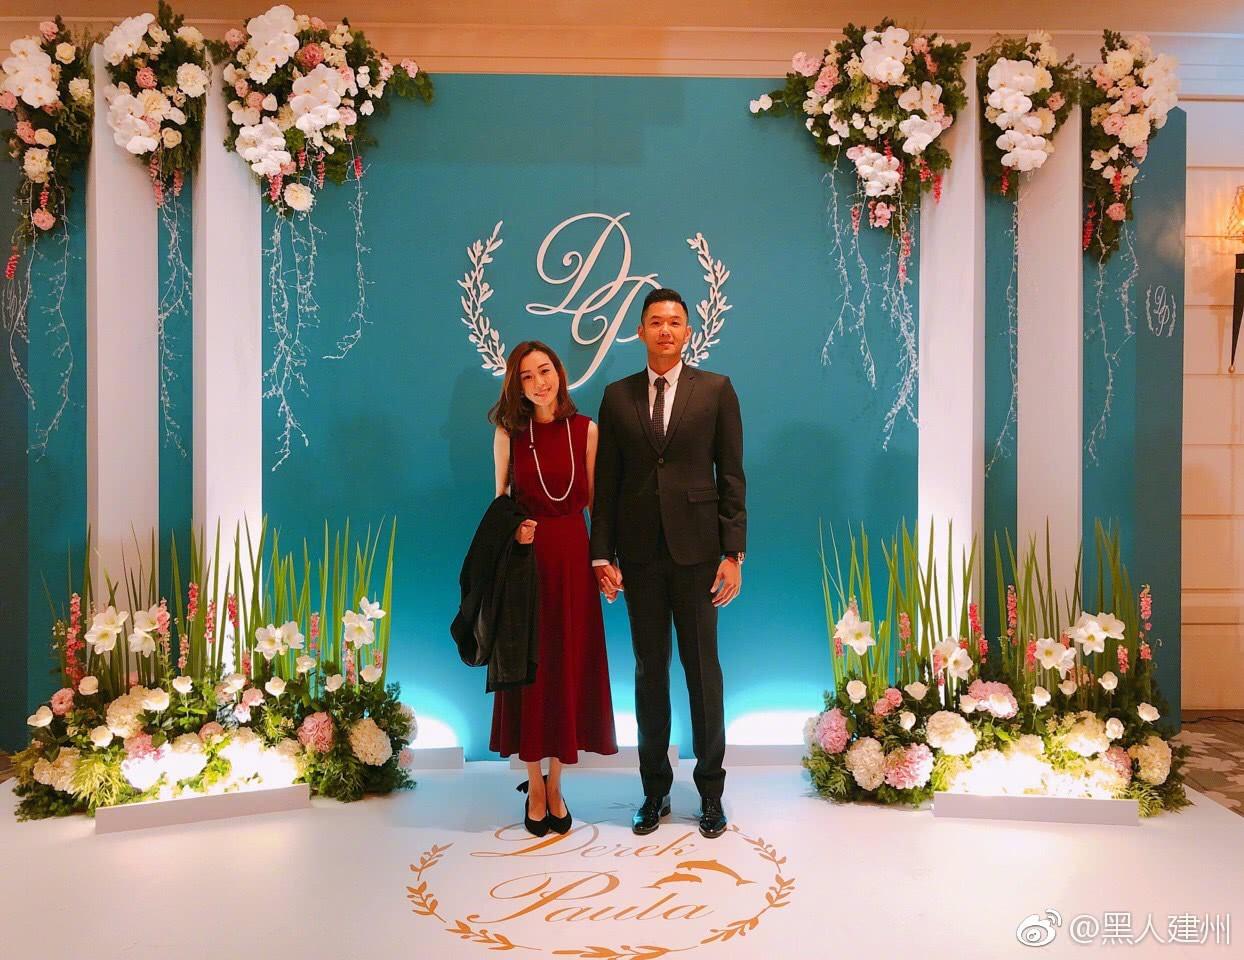 Đám cưới hoành tráng mời nửa showbiz Đài: Cô dâu năm nay đã 54 tuổi - Ảnh 3.